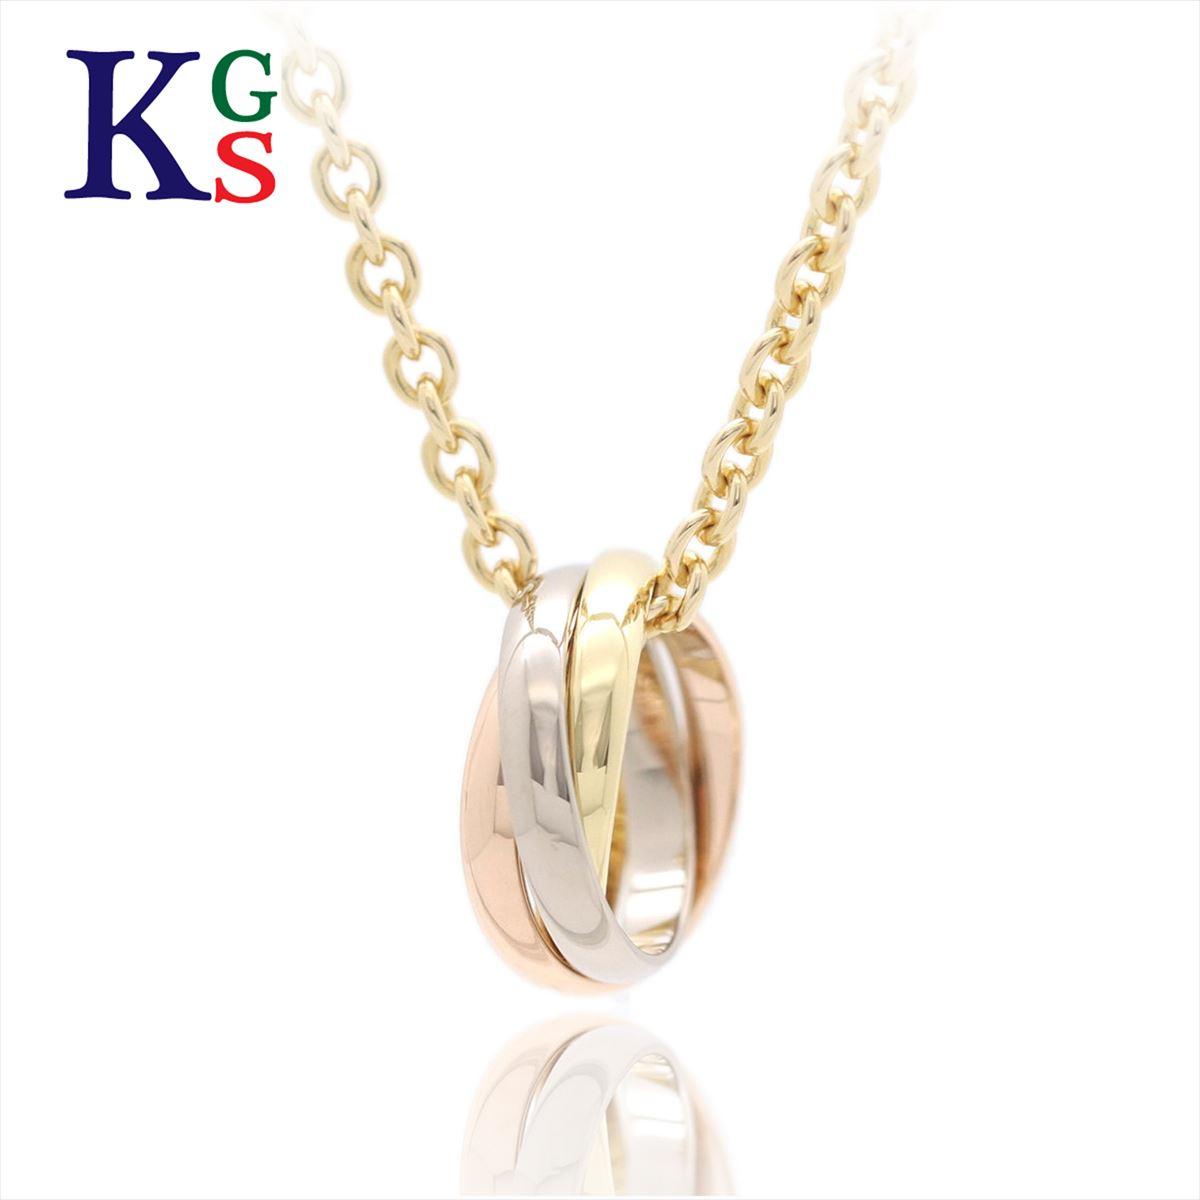 【新古品】カルティエ/Cartier / トリニティ ドゥ カルティエ ネックレス レディース K18YG/イエローゴールド K18PG/ピンクゴールド K18WG/ホワイトゴールド